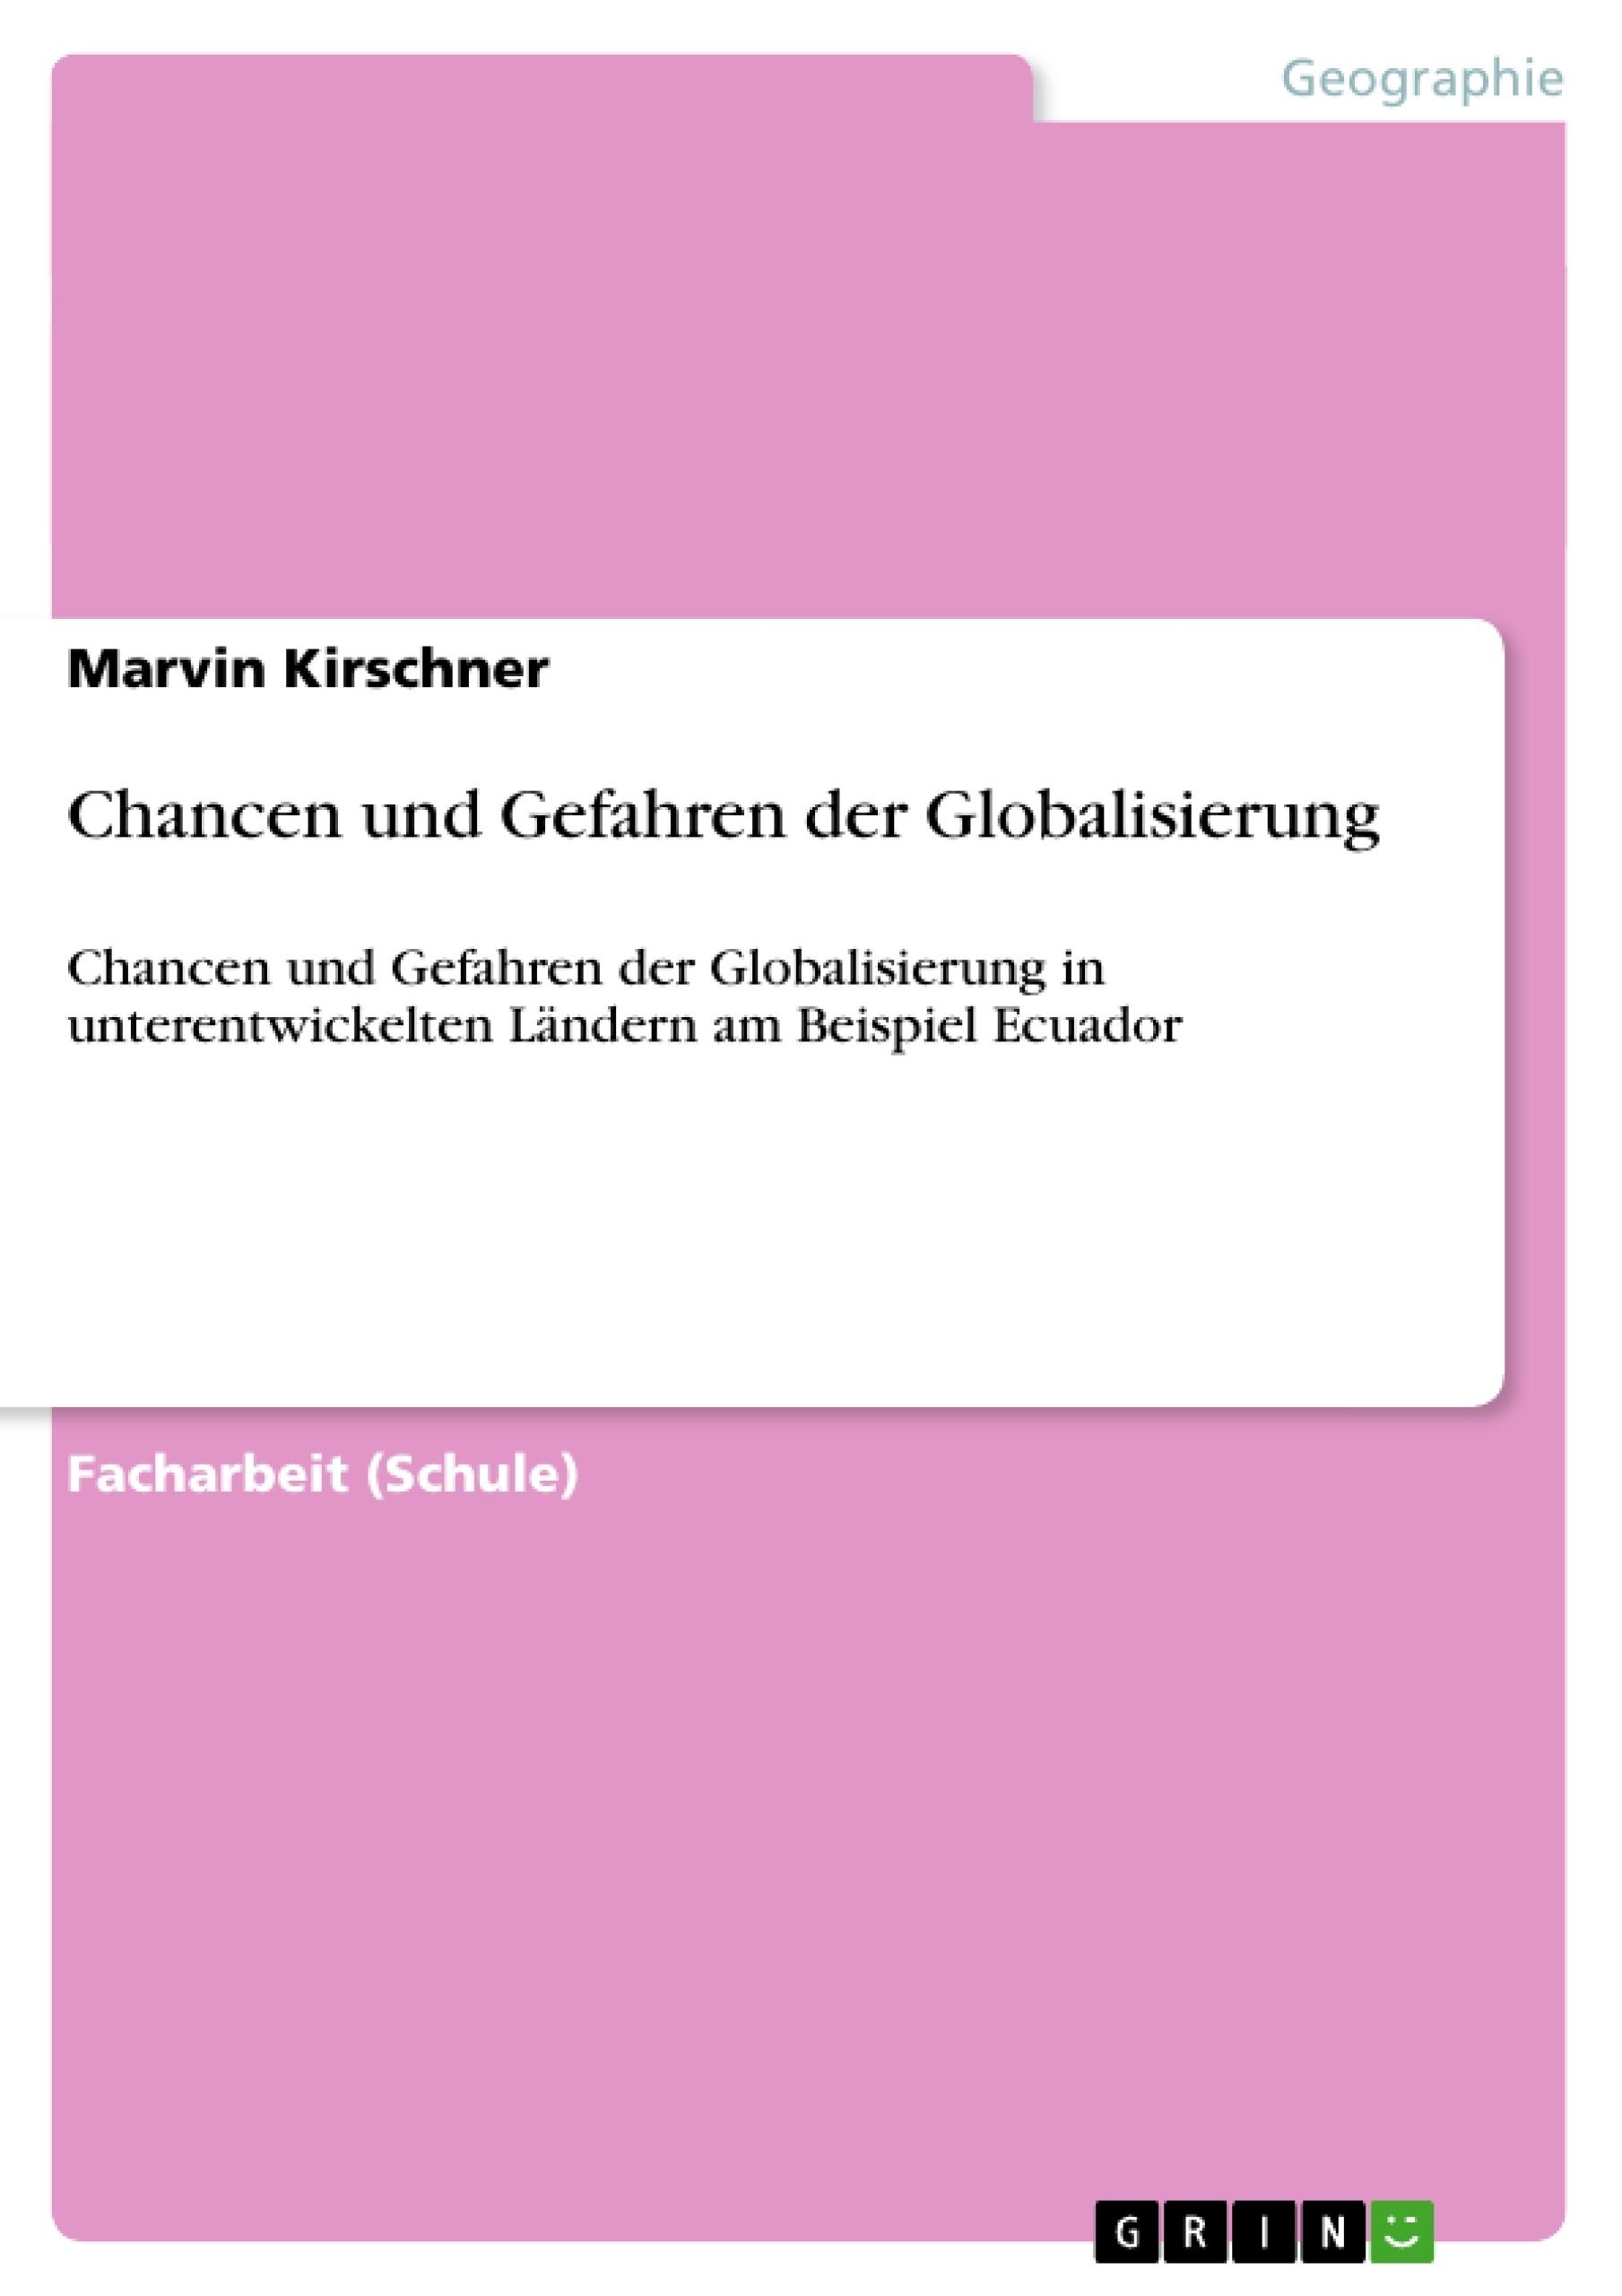 Titel: Chancen und Gefahren der Globalisierung